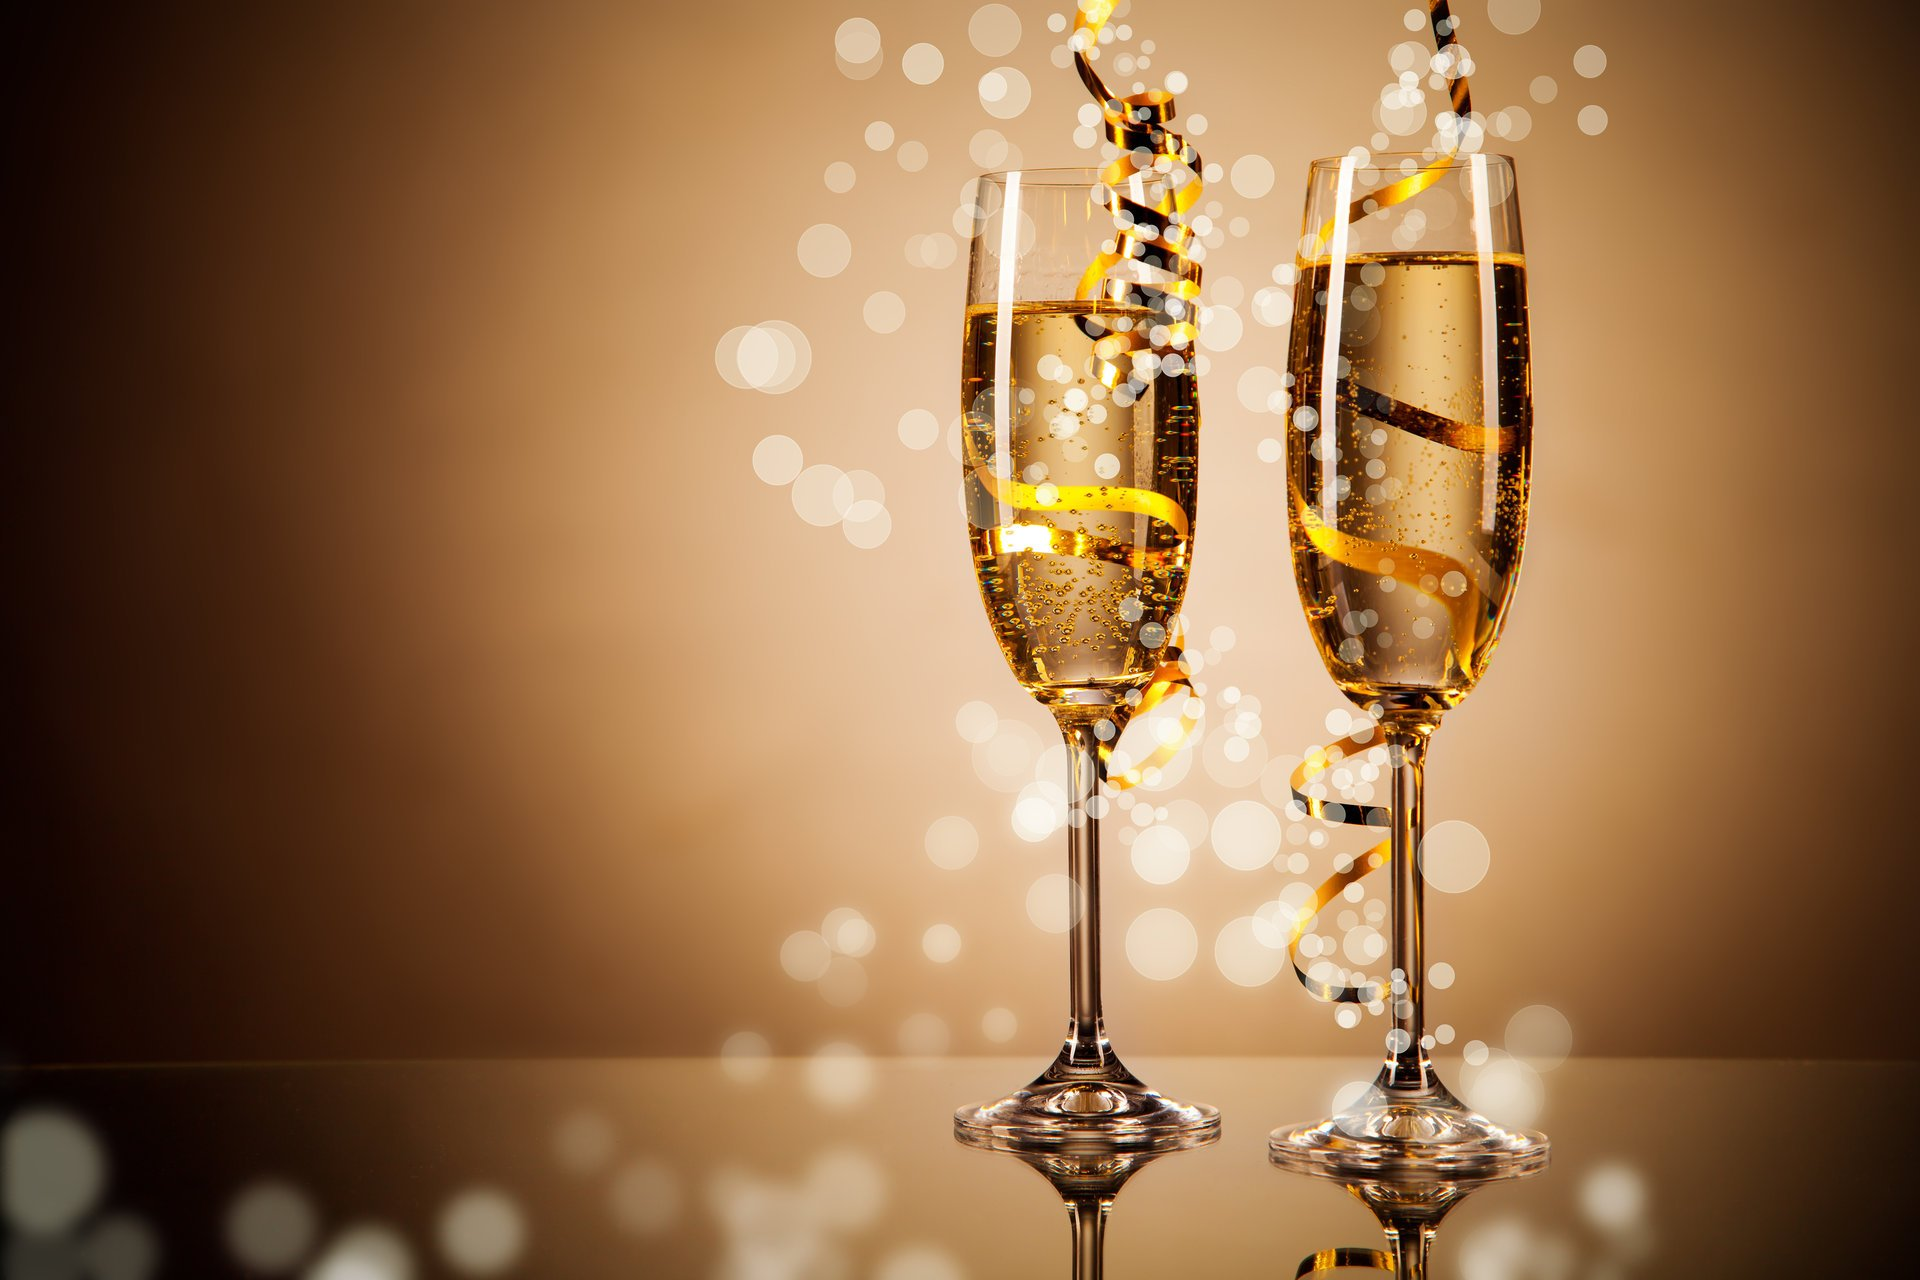 Картинки с фужерами шампанского, днем рождения элеонора